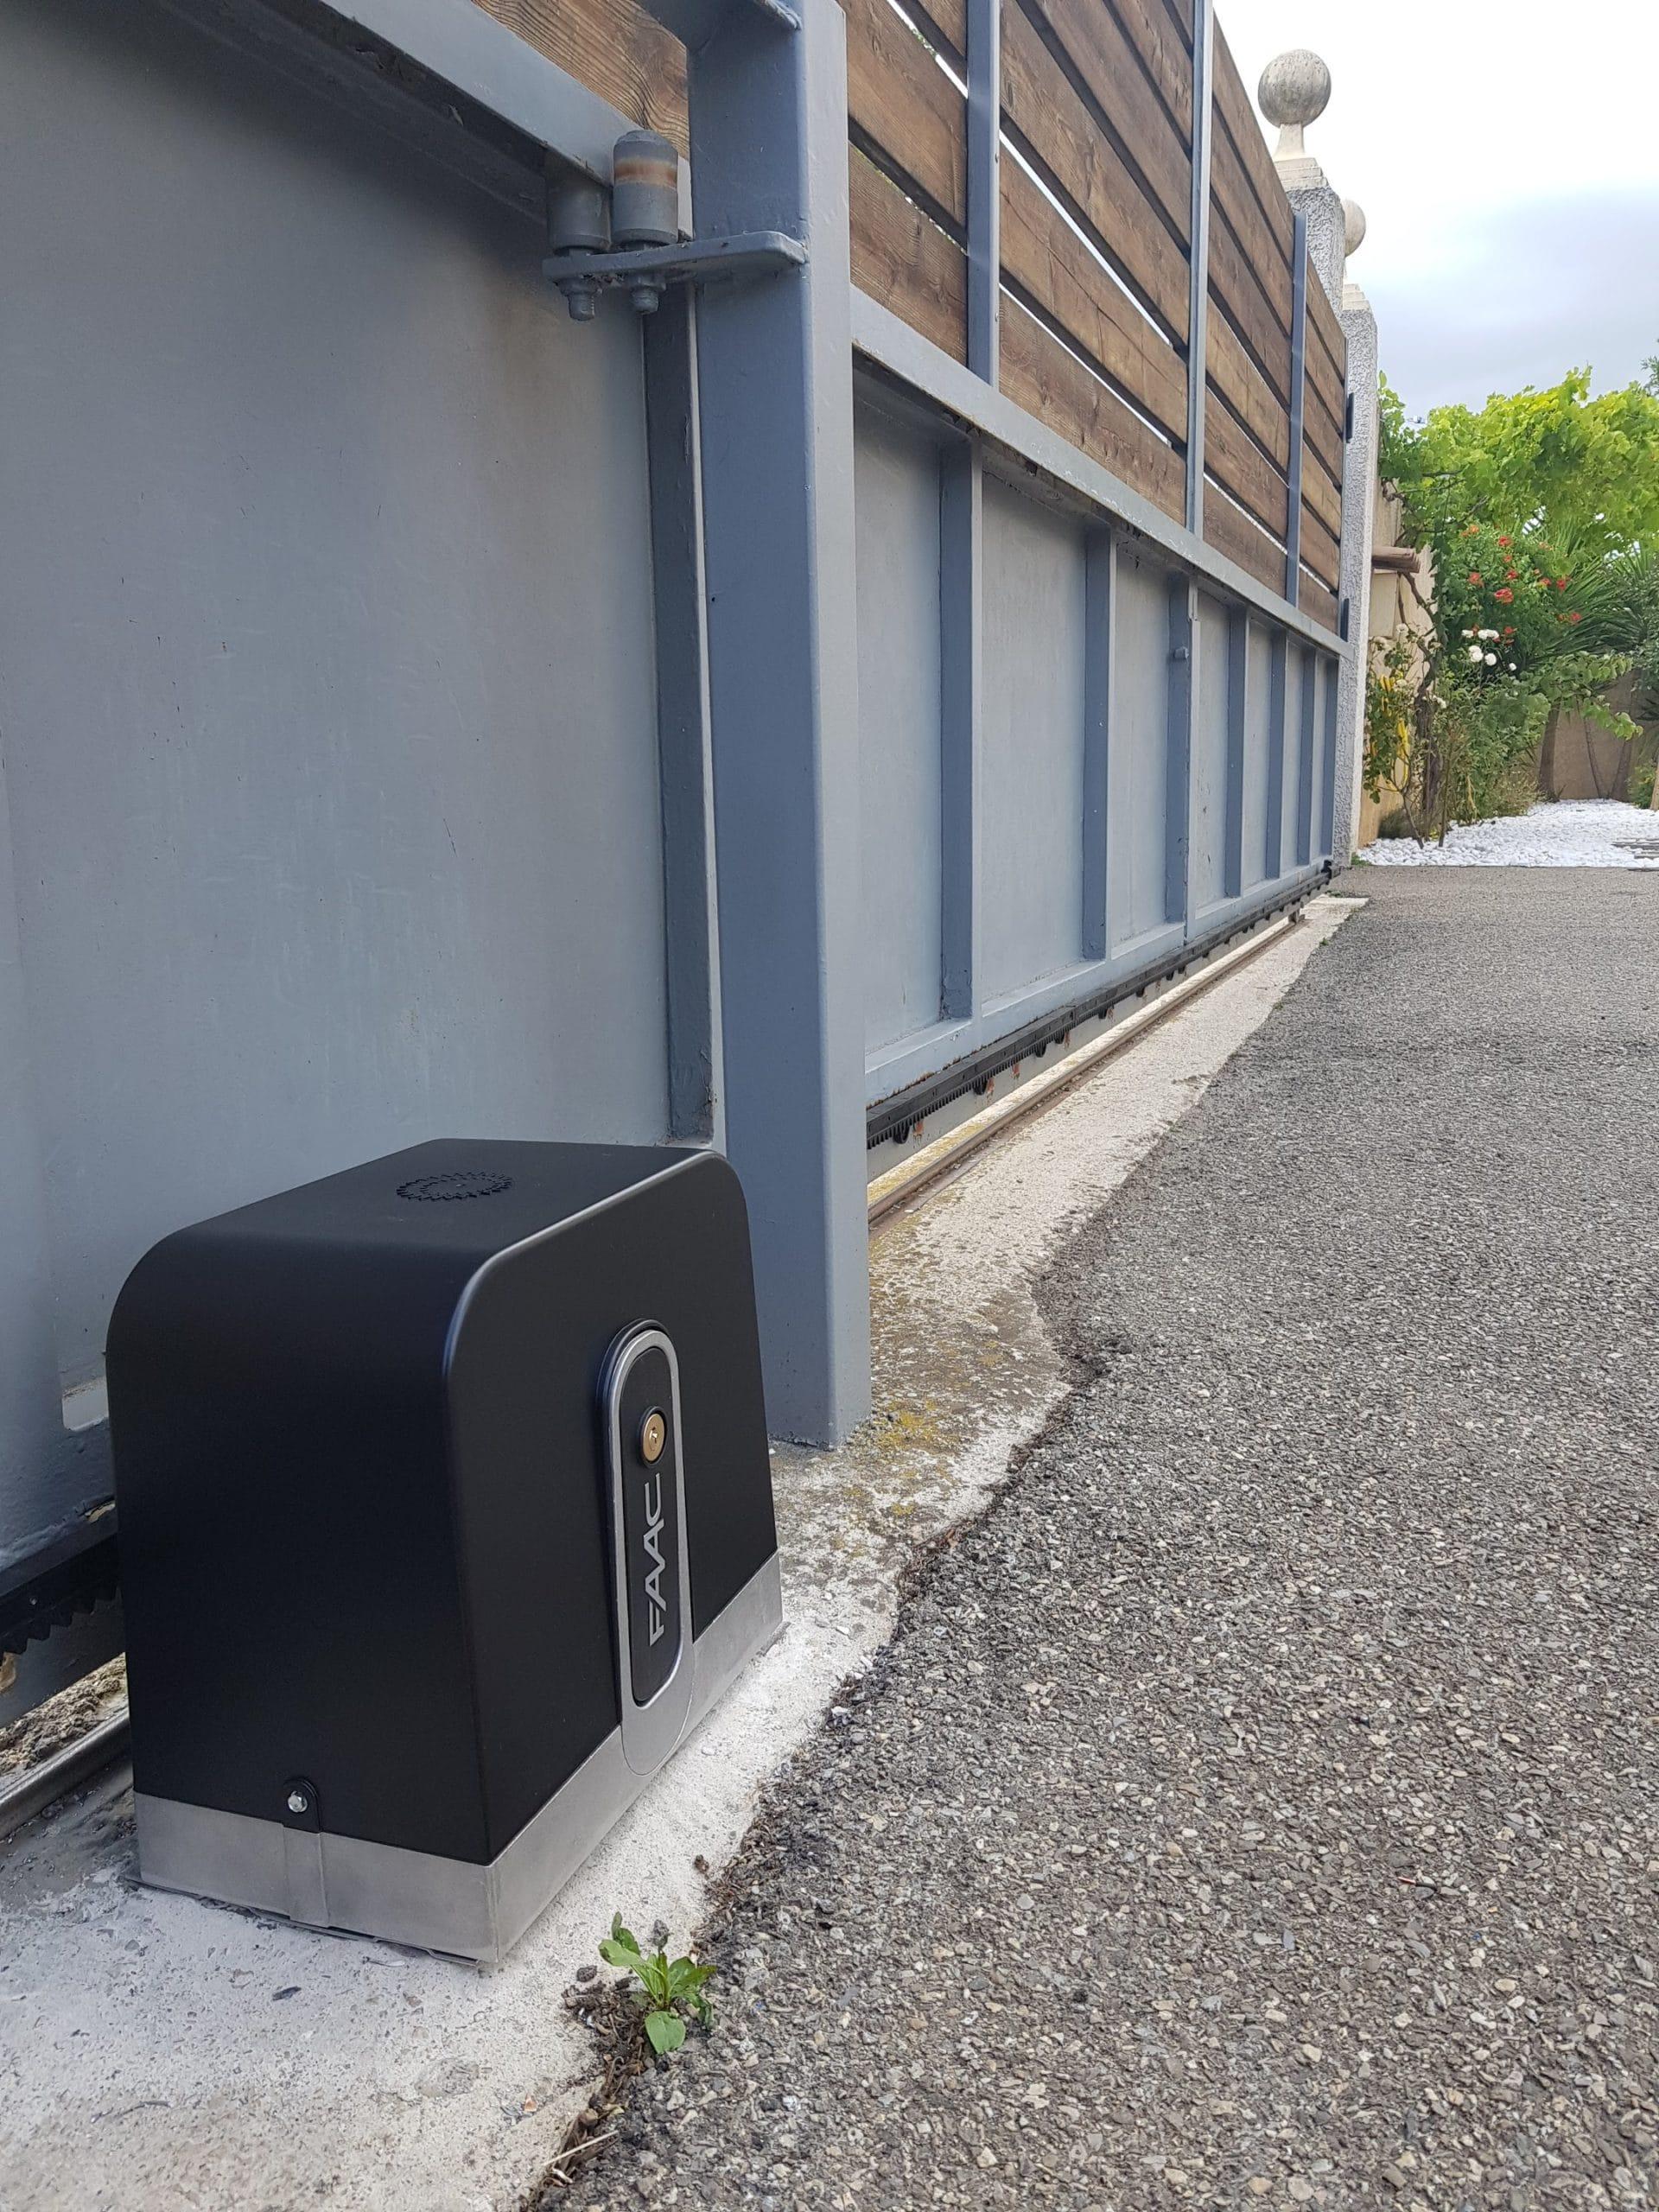 Remplacement de moteur d'un portail coulissant avec télécommande d'ouverture à Salon de Provence